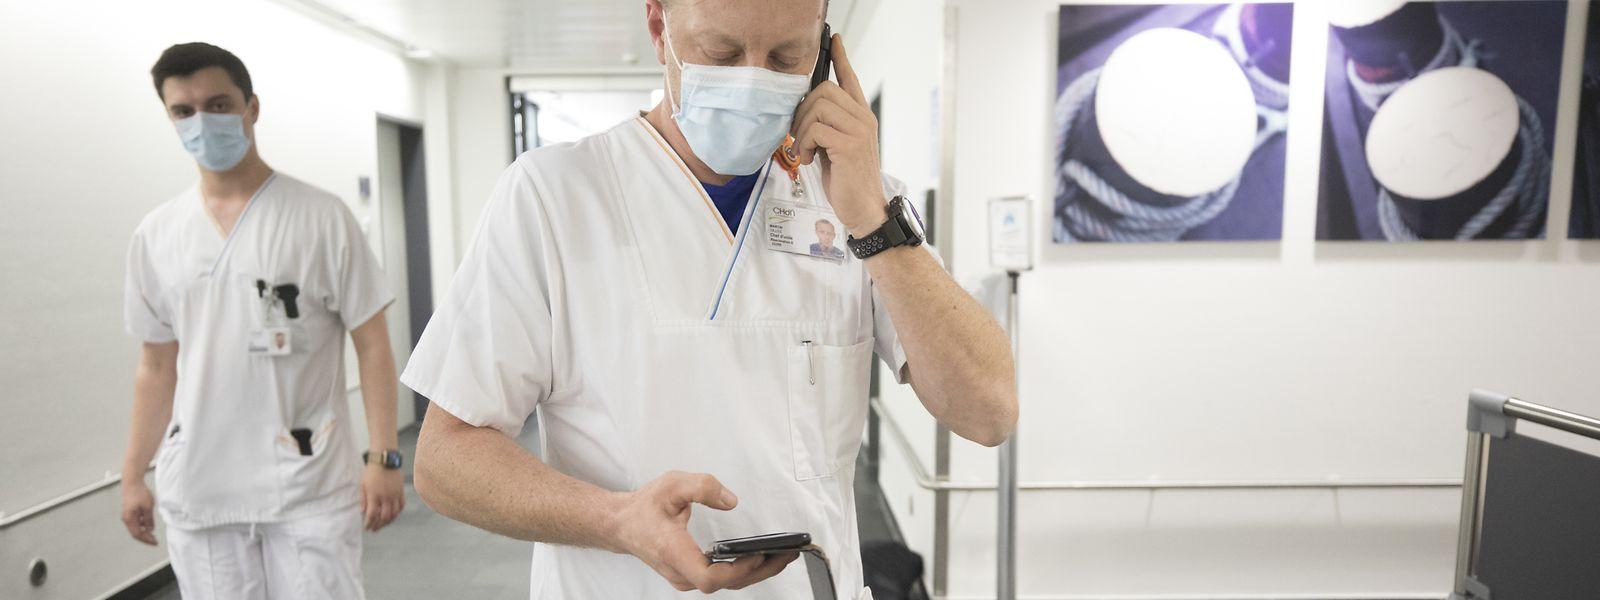 Selon l'OGBL, la reconnaissance actuelle du personnel de santé et de soins est justifiée, mais elle ne change rien aux conditions de travail